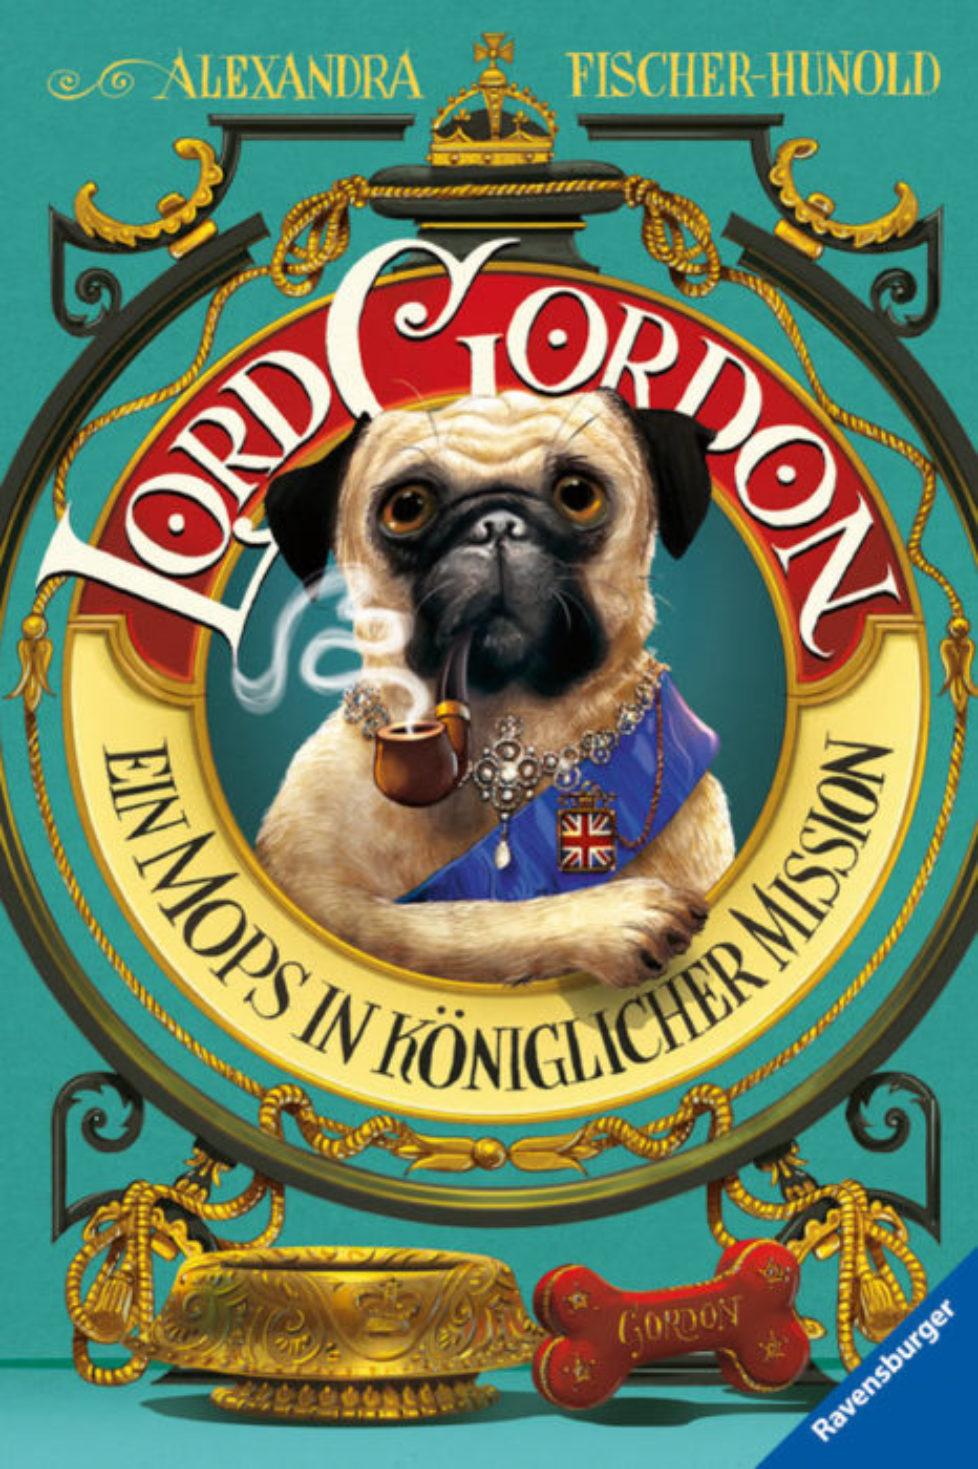 ALEXANDRA FISCHER-HUNOLD: LORD GORDON – EIN MOPS IN KÖNIGLICHER MISSION